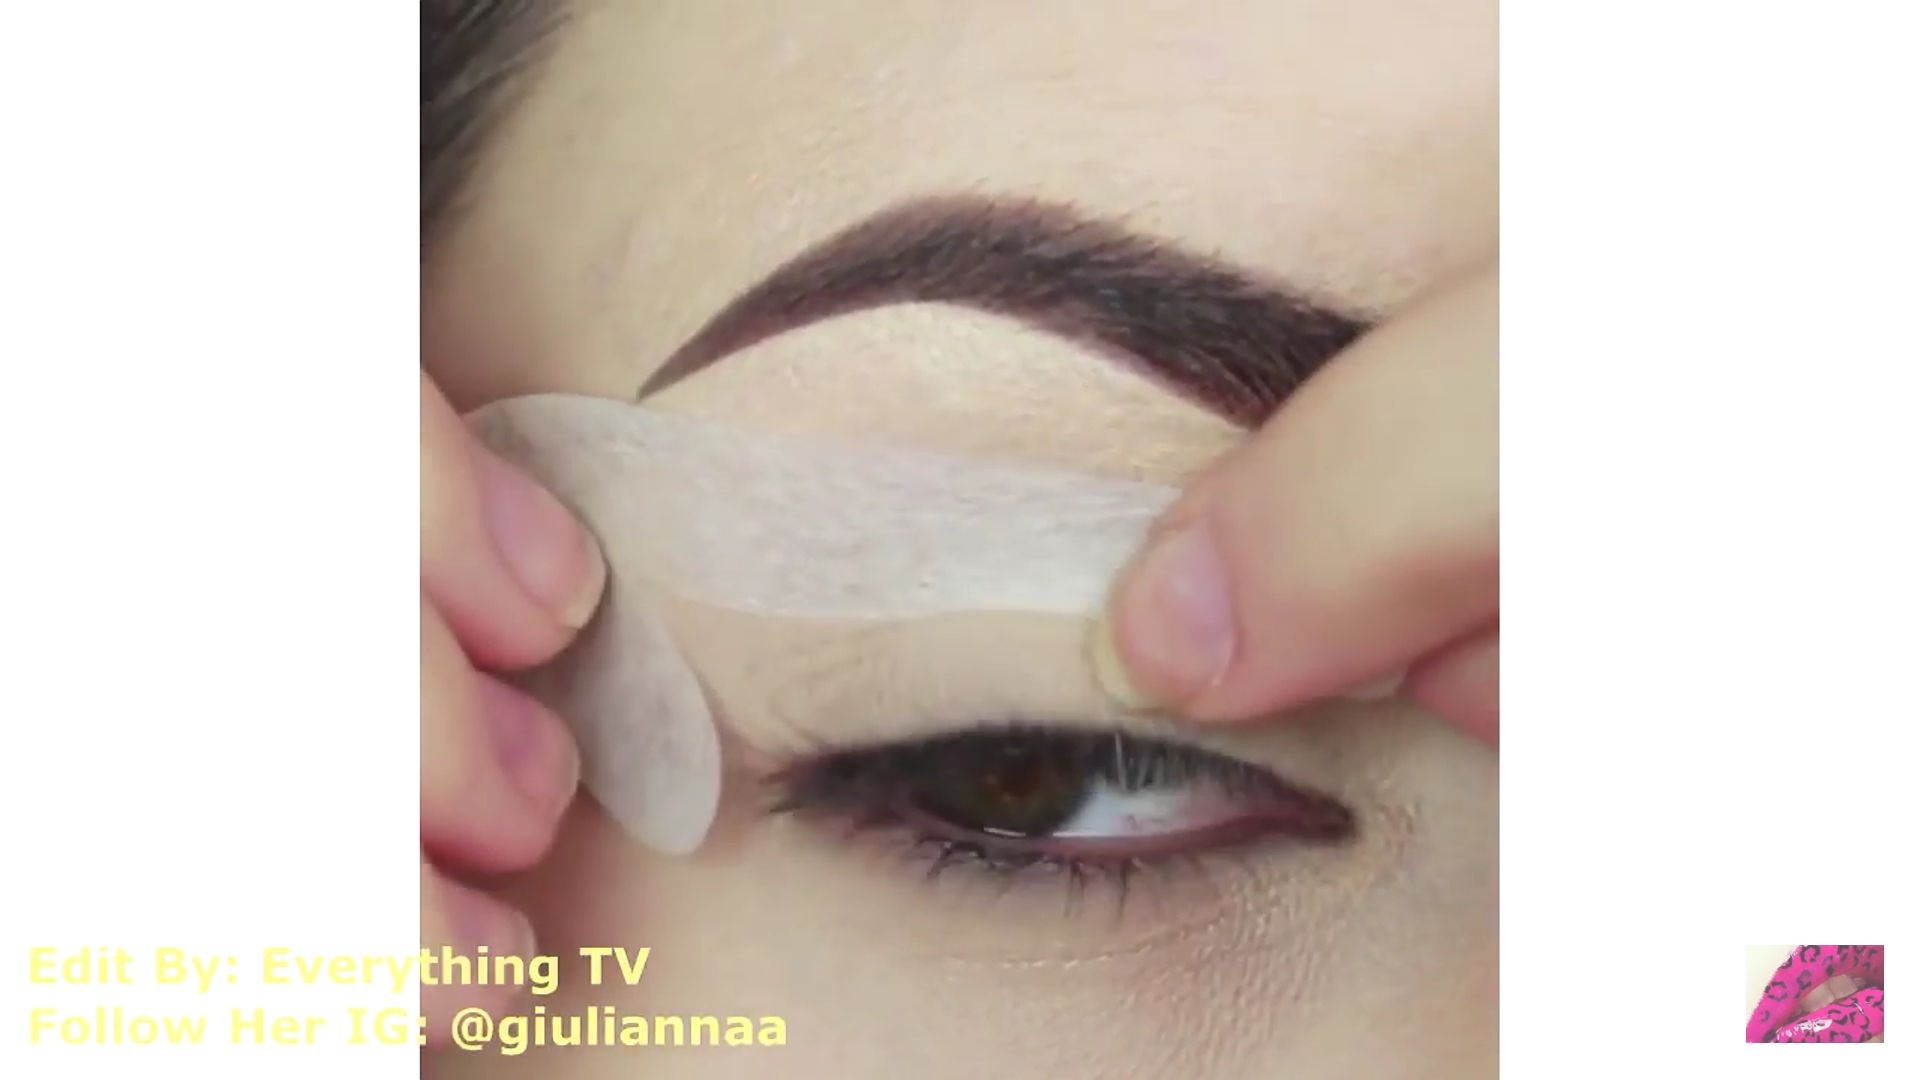 Hermosos diseños de fantasía para los ojos Samantha Hermoso 2020, cinta adhesivas para los ojos